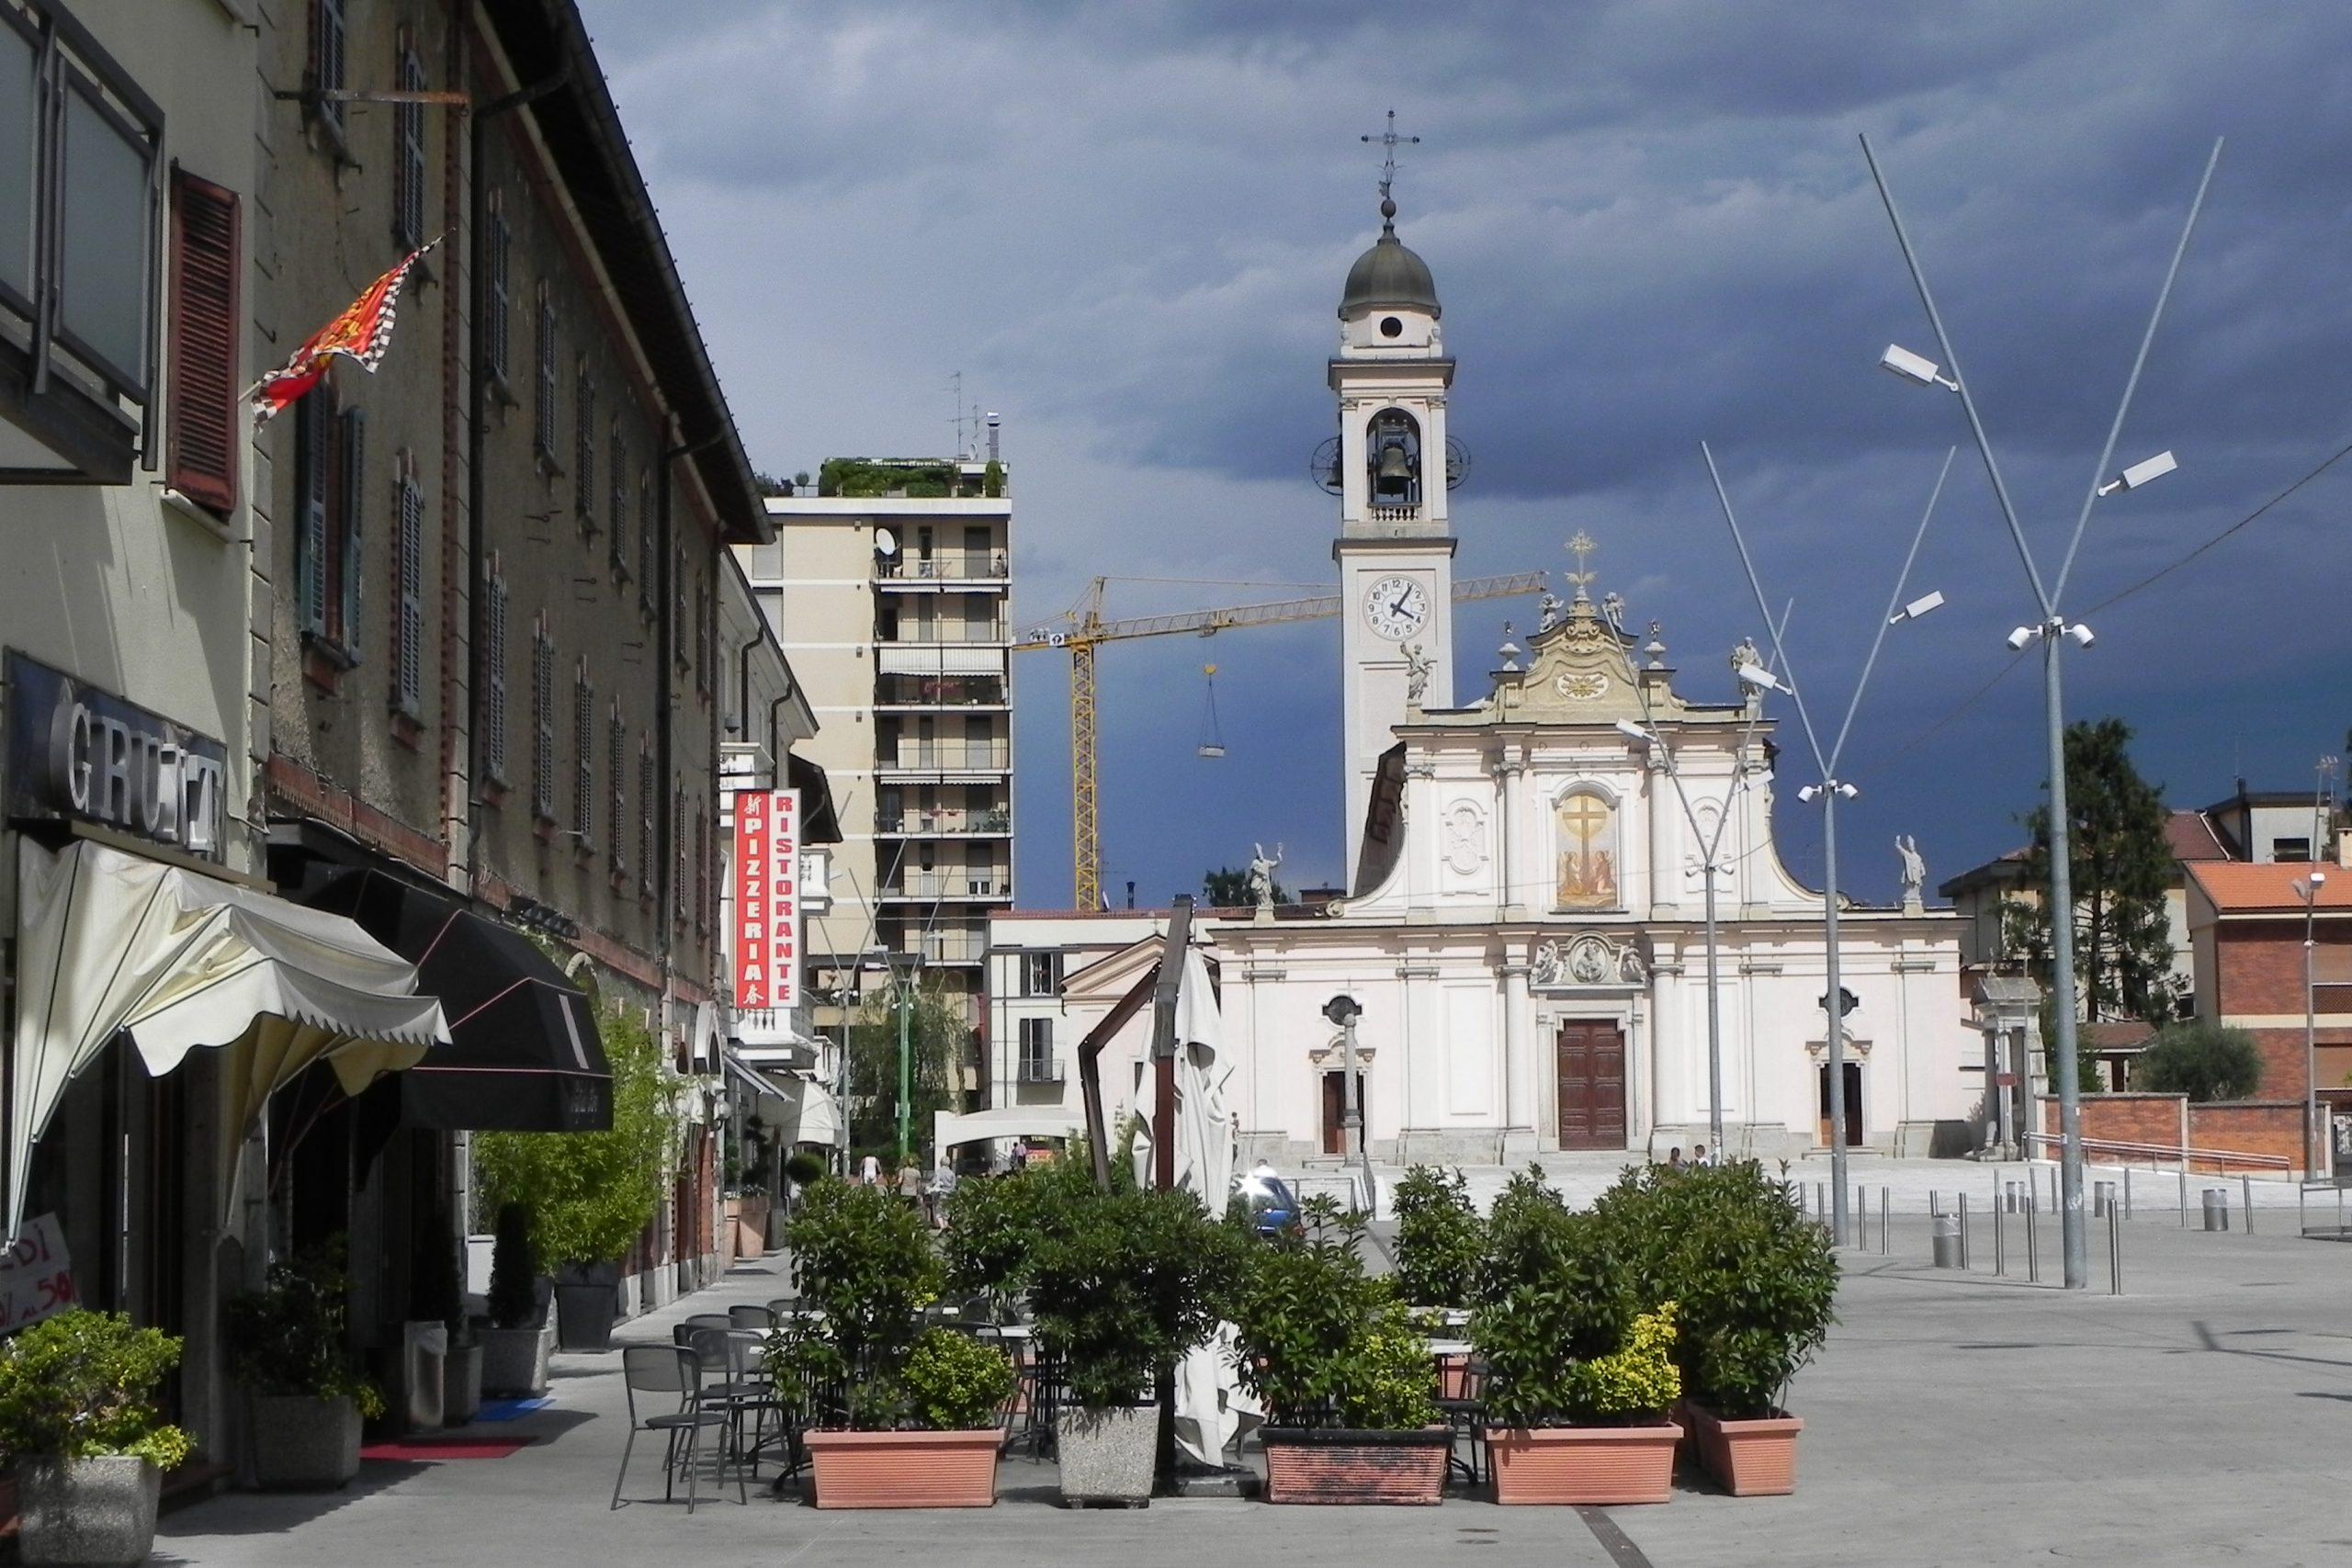 Food e bancarelle, a Cinisello il week end è per la strada